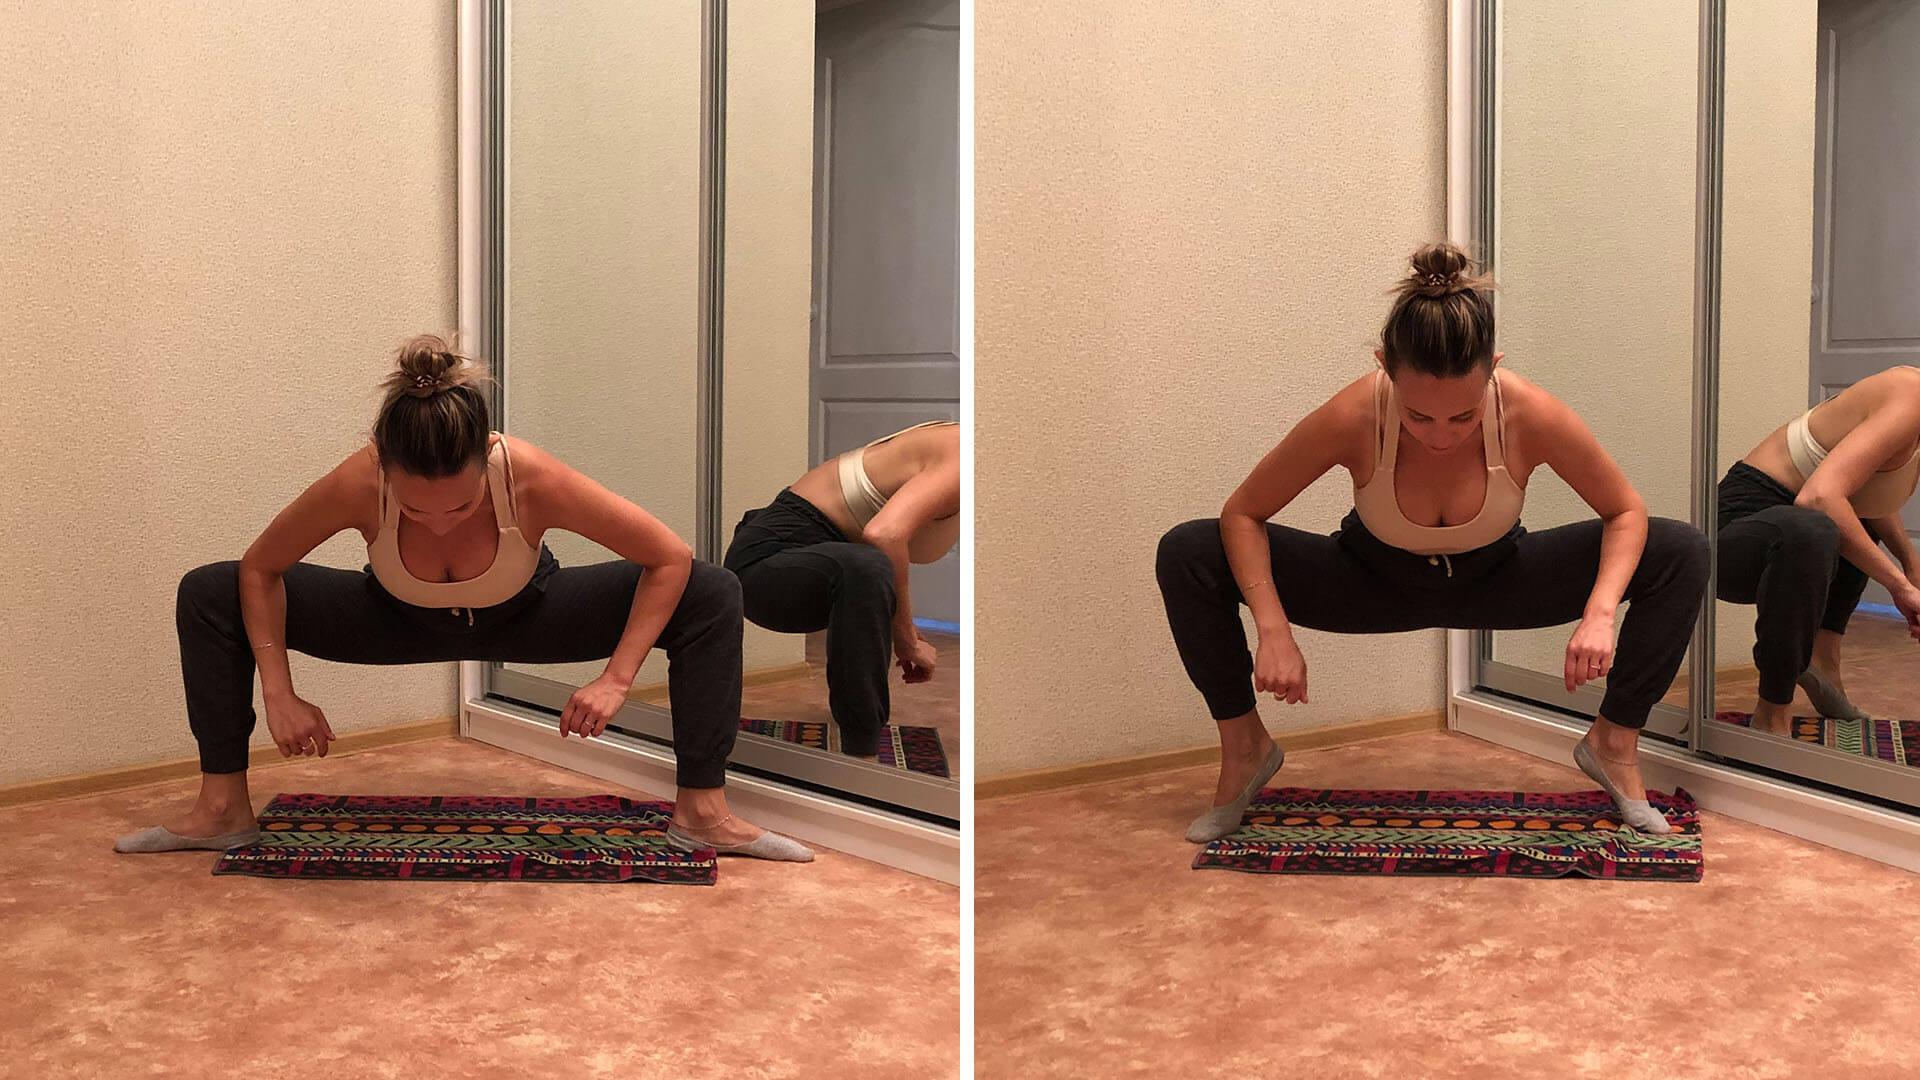 Растяжка стоп и внутренней поверхности бедер: фото упражнения.